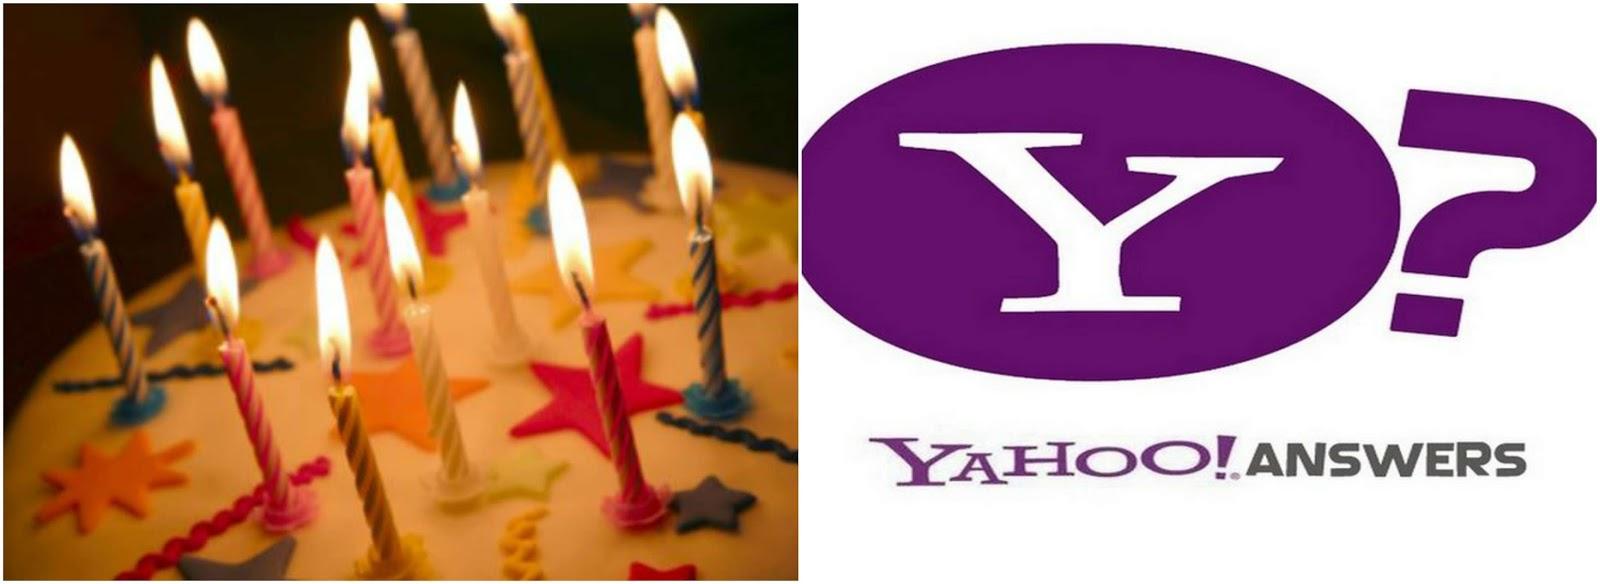 Auguri Di Natale Yahoo.Idee Regalo Uomo Compleanno Yahoo Disegni Di Natale 2019